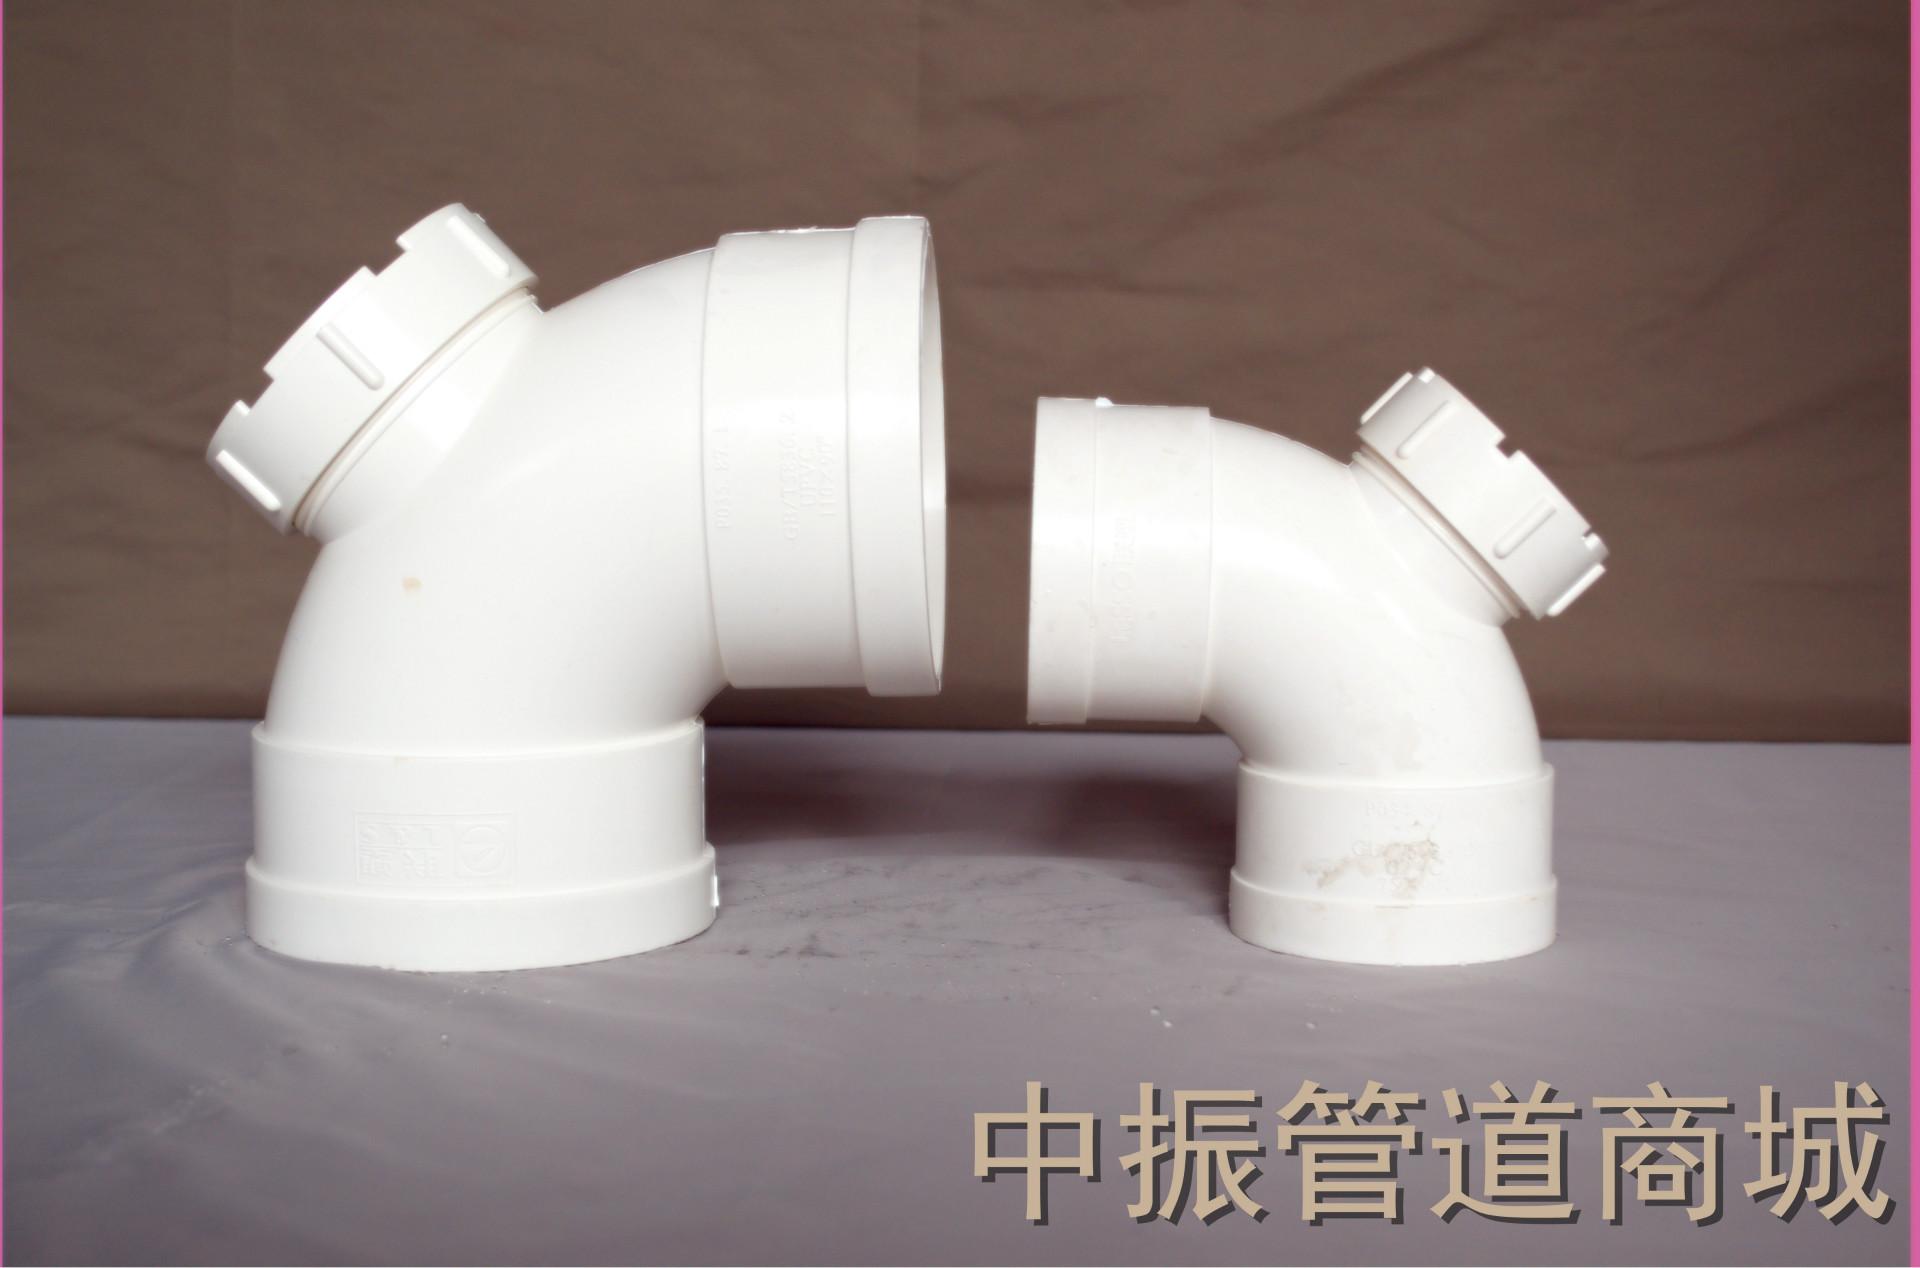 排水管件 联塑弯头 联塑pvc u带口弯头 排水管件 阿里巴巴